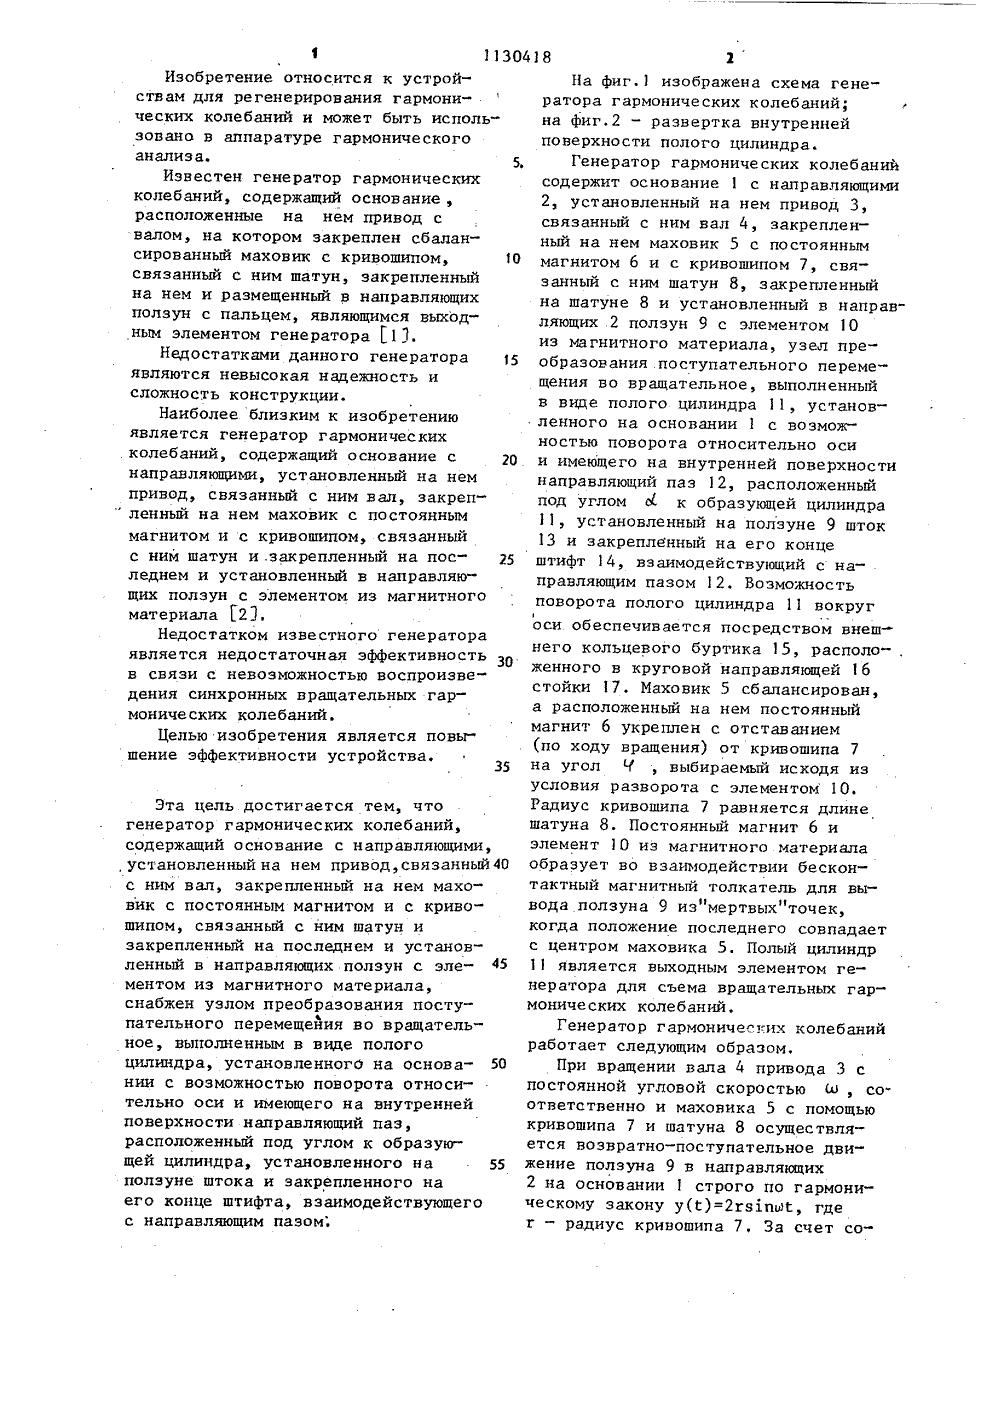 Схемы генераторов гармонических колебаний